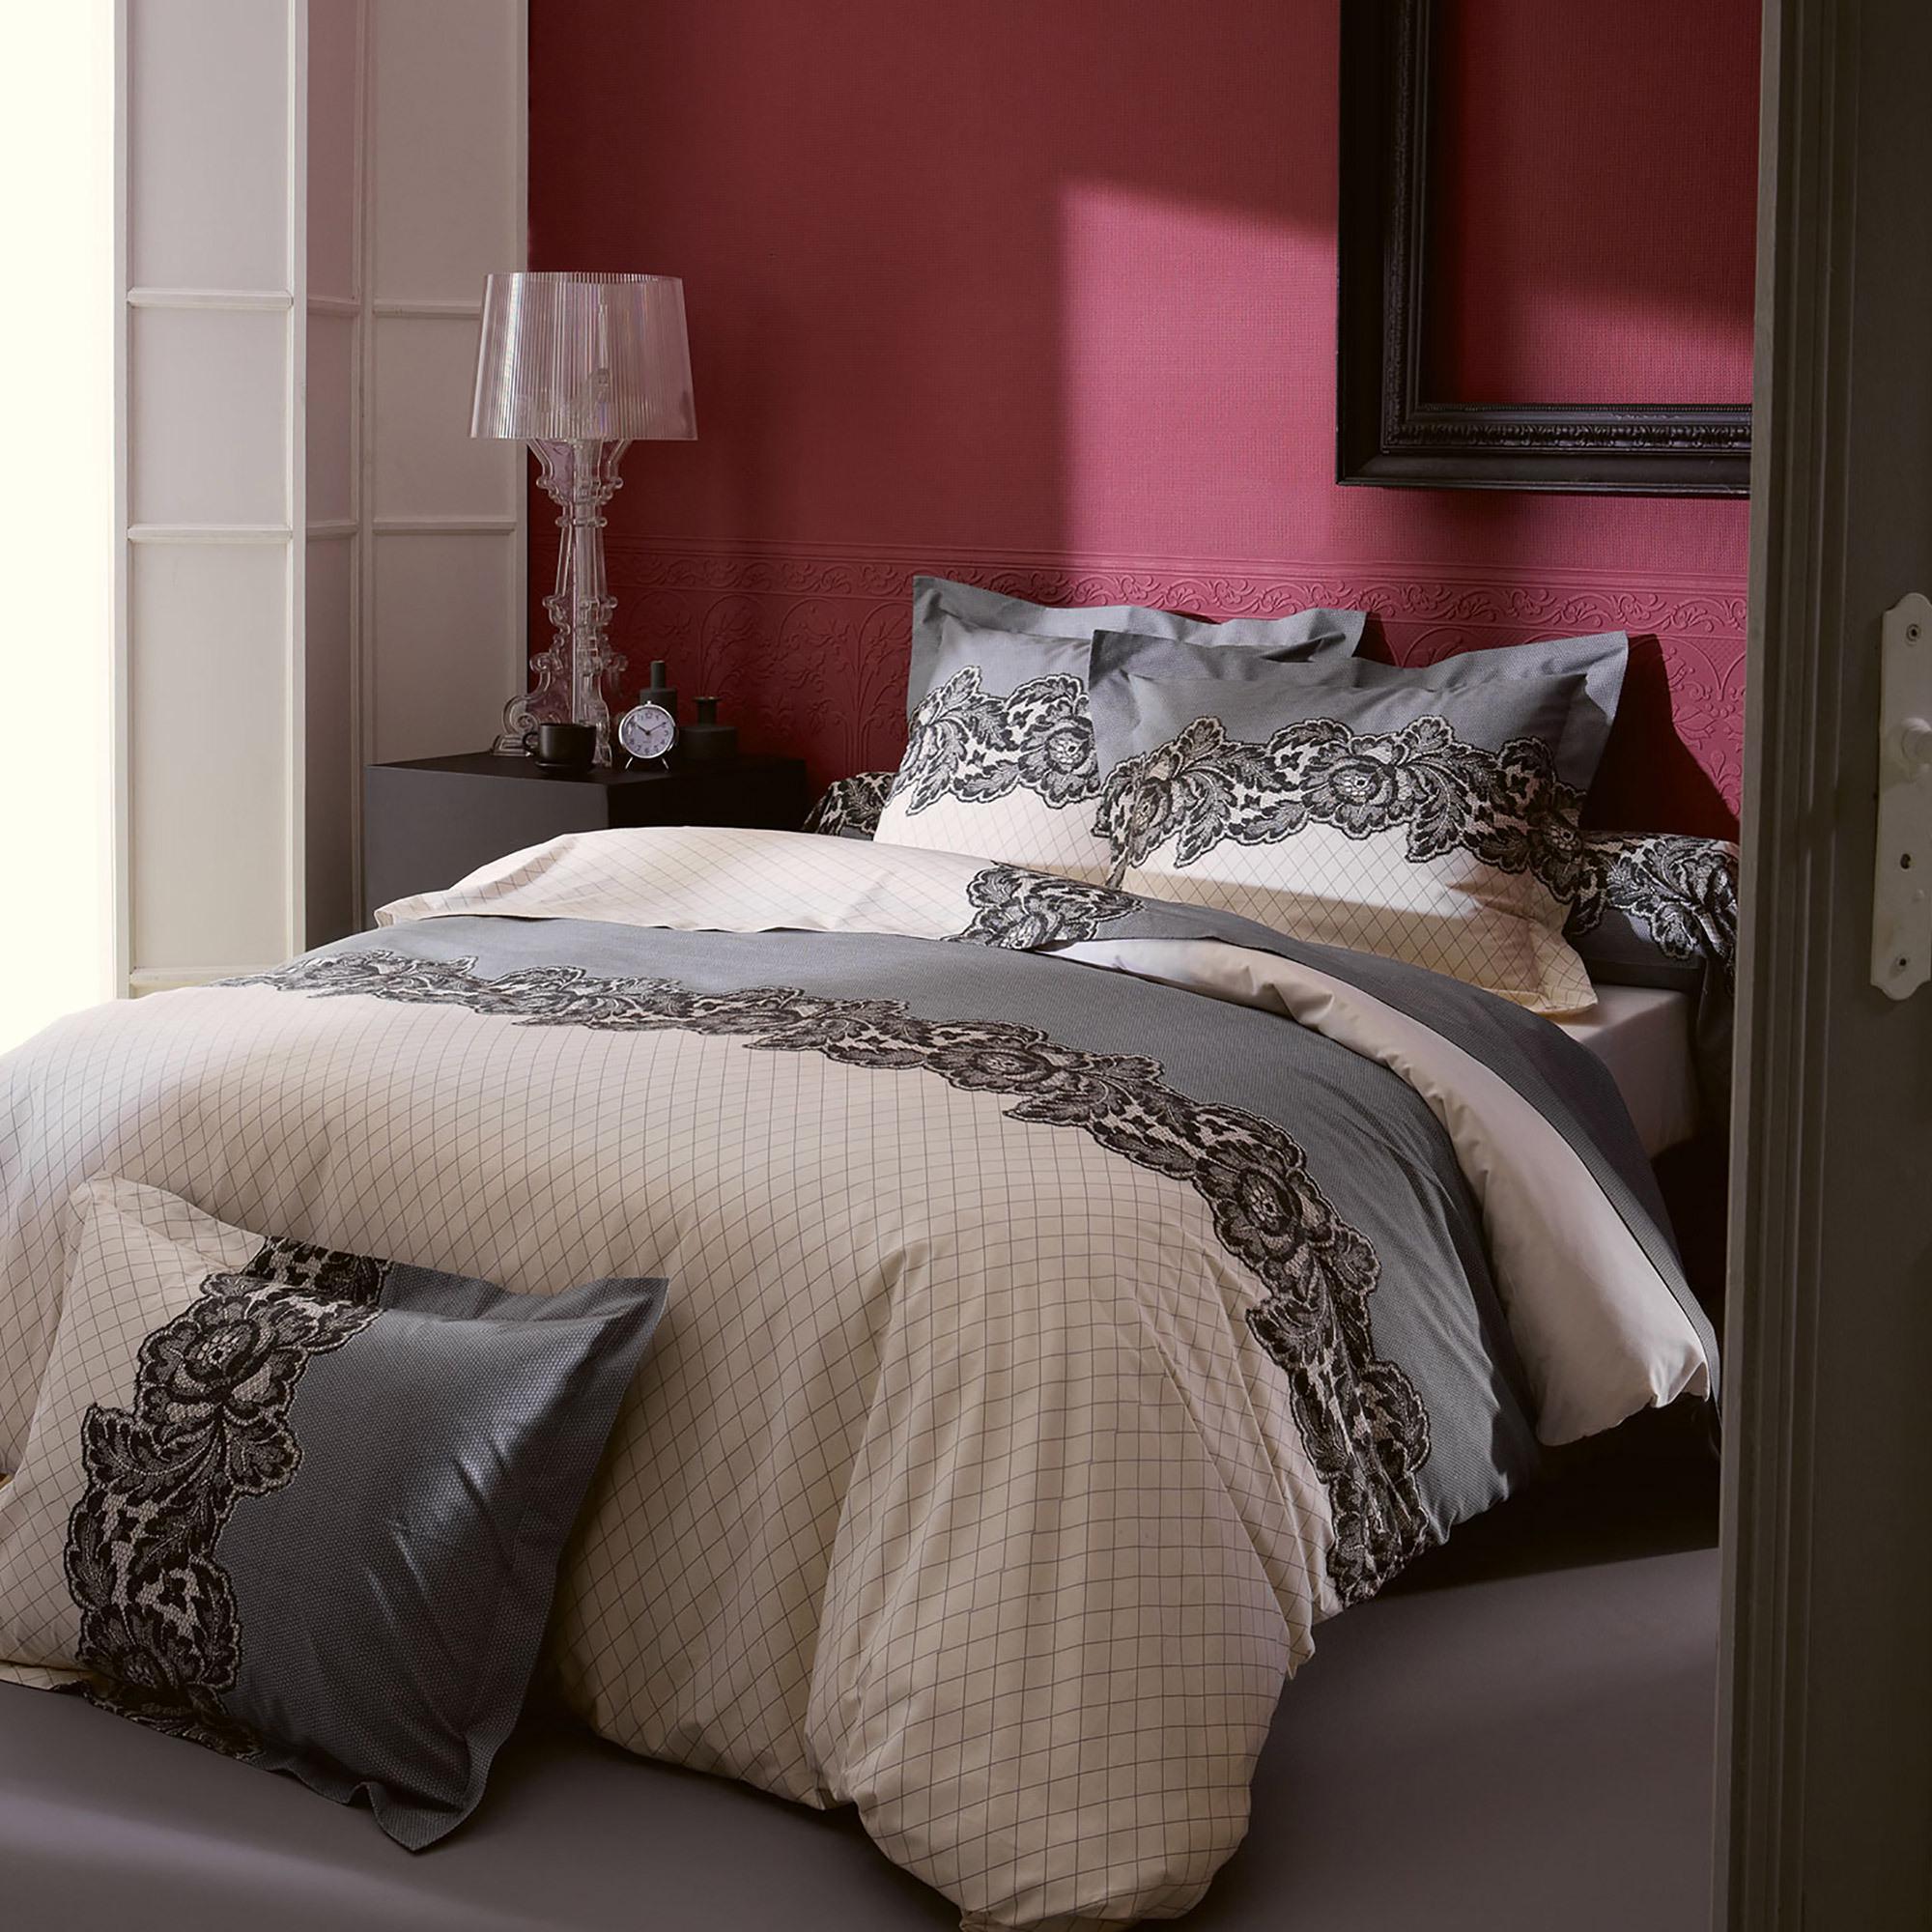 Parure de lit 140x200 cm MALICE   Linnea, linge de maison et